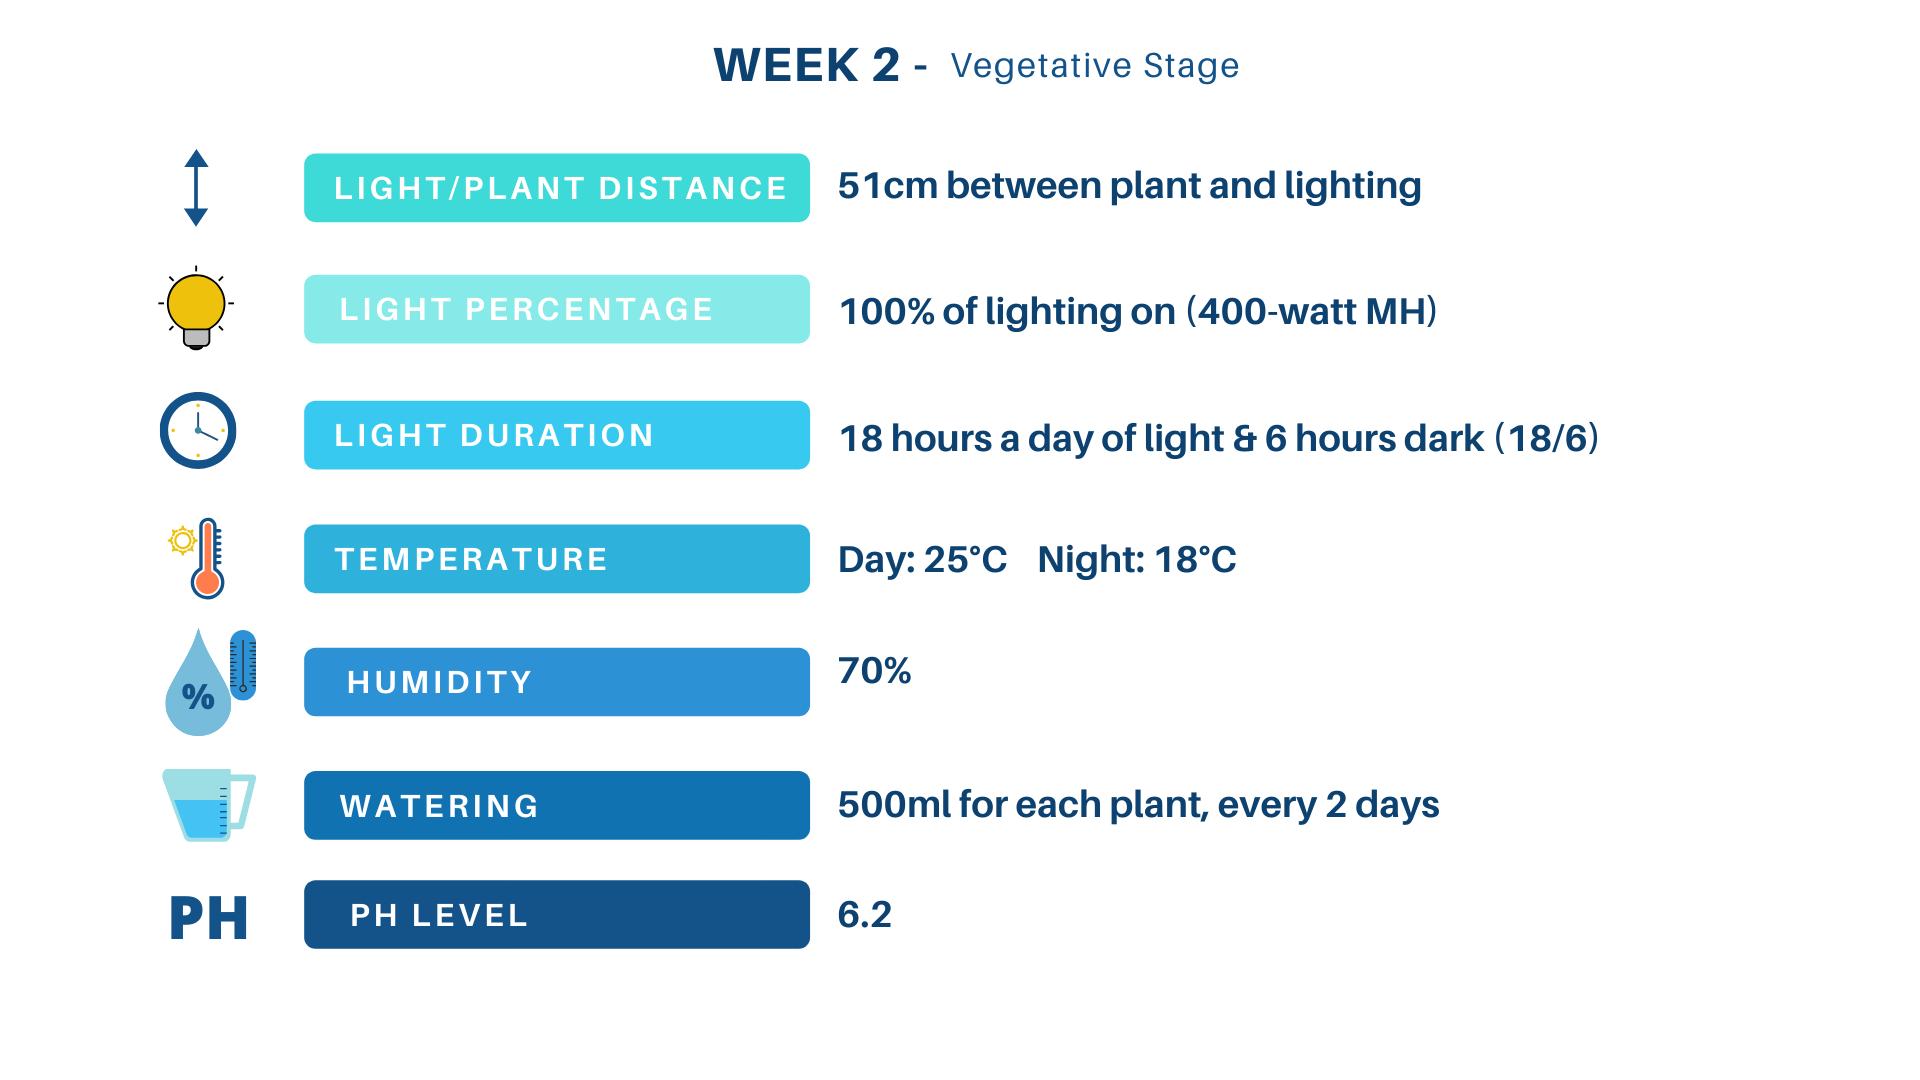 Grow schedule week 2 vegetative stage